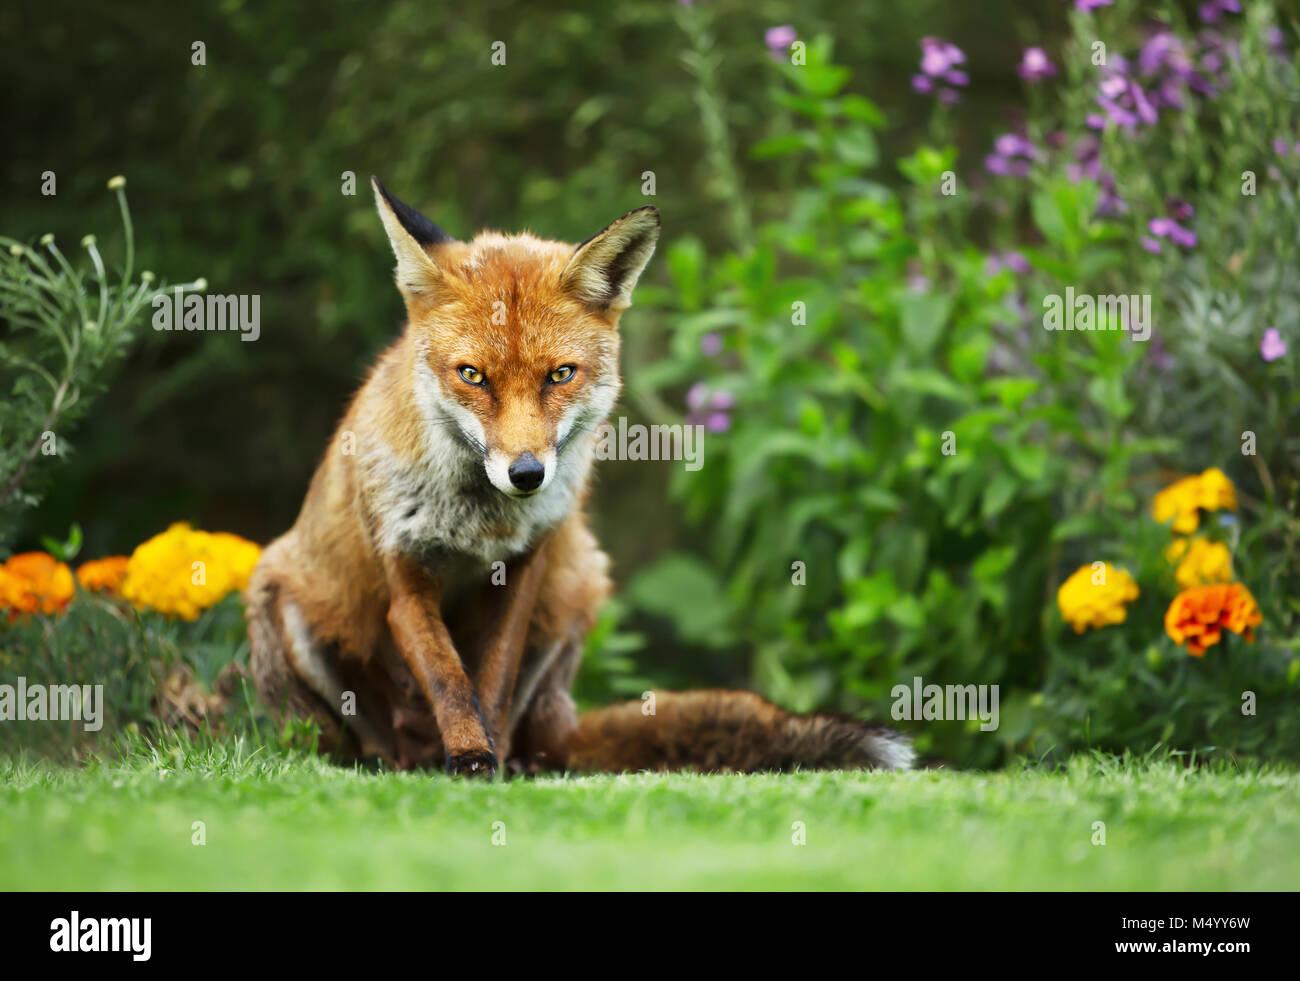 Close-up di una volpe rossa in piedi nel giardino con fiori, estate nel Regno Unito. Immagini Stock